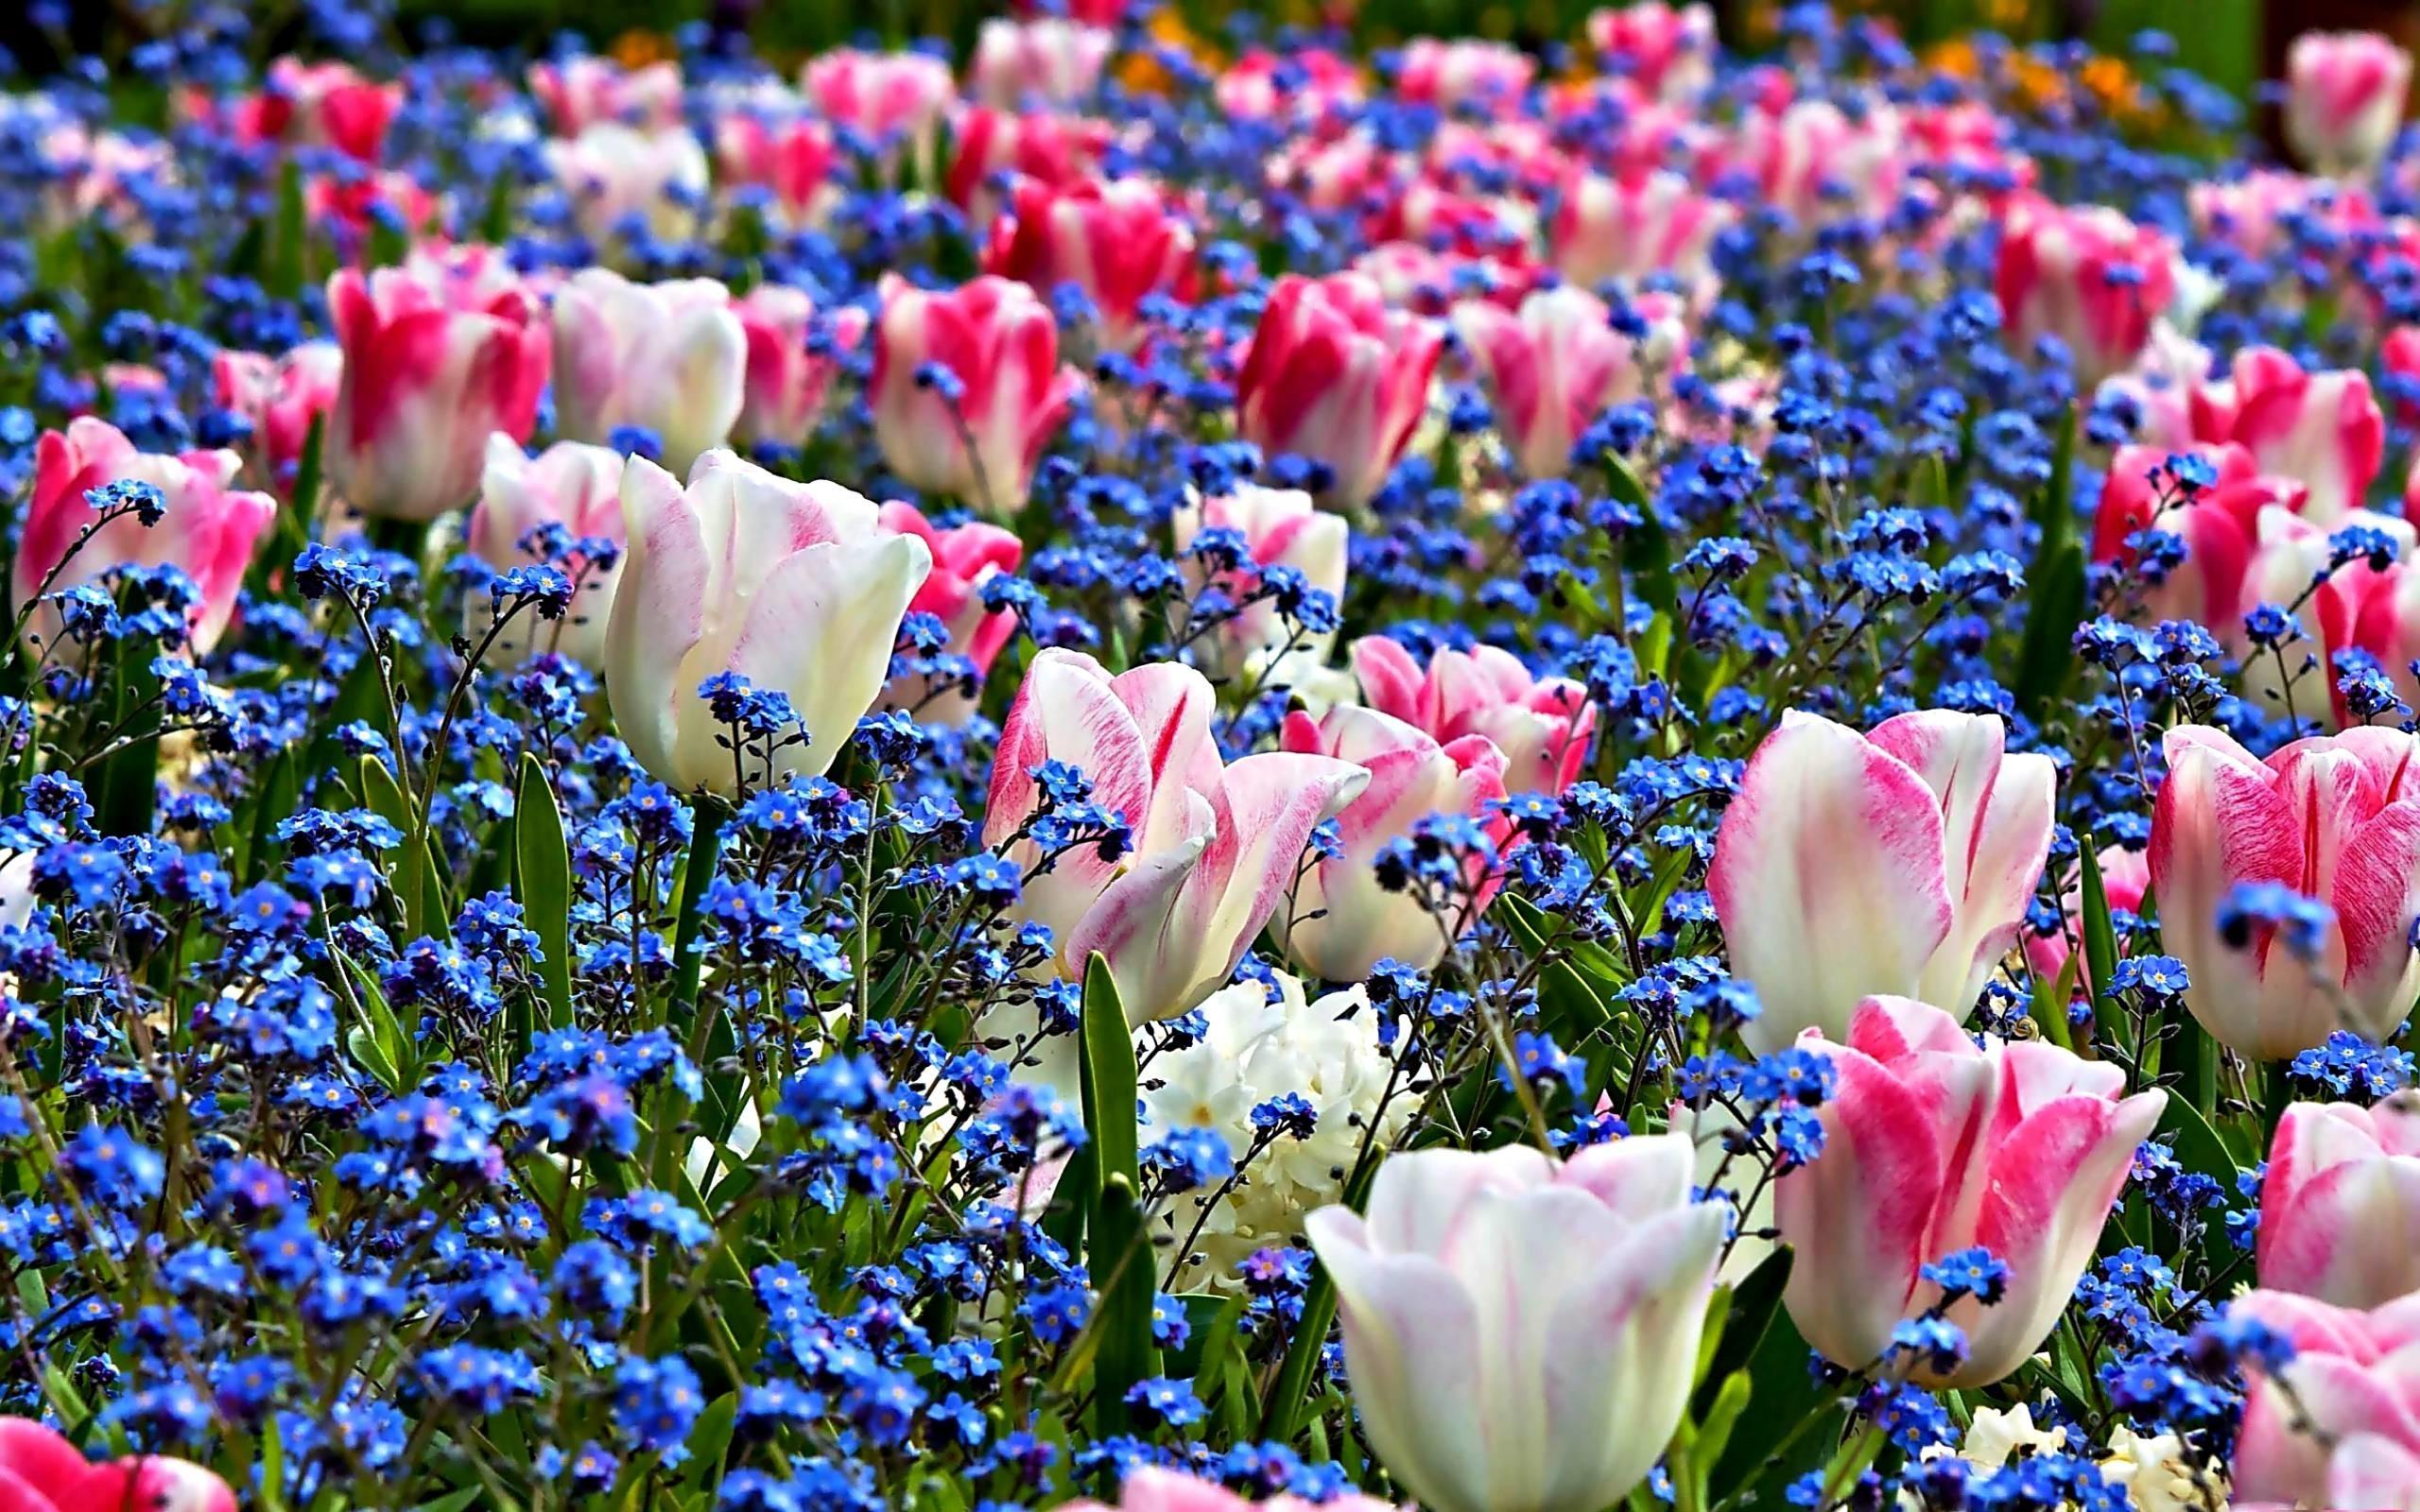 Spring Flower Wallpaper Backgrounds 74 Images